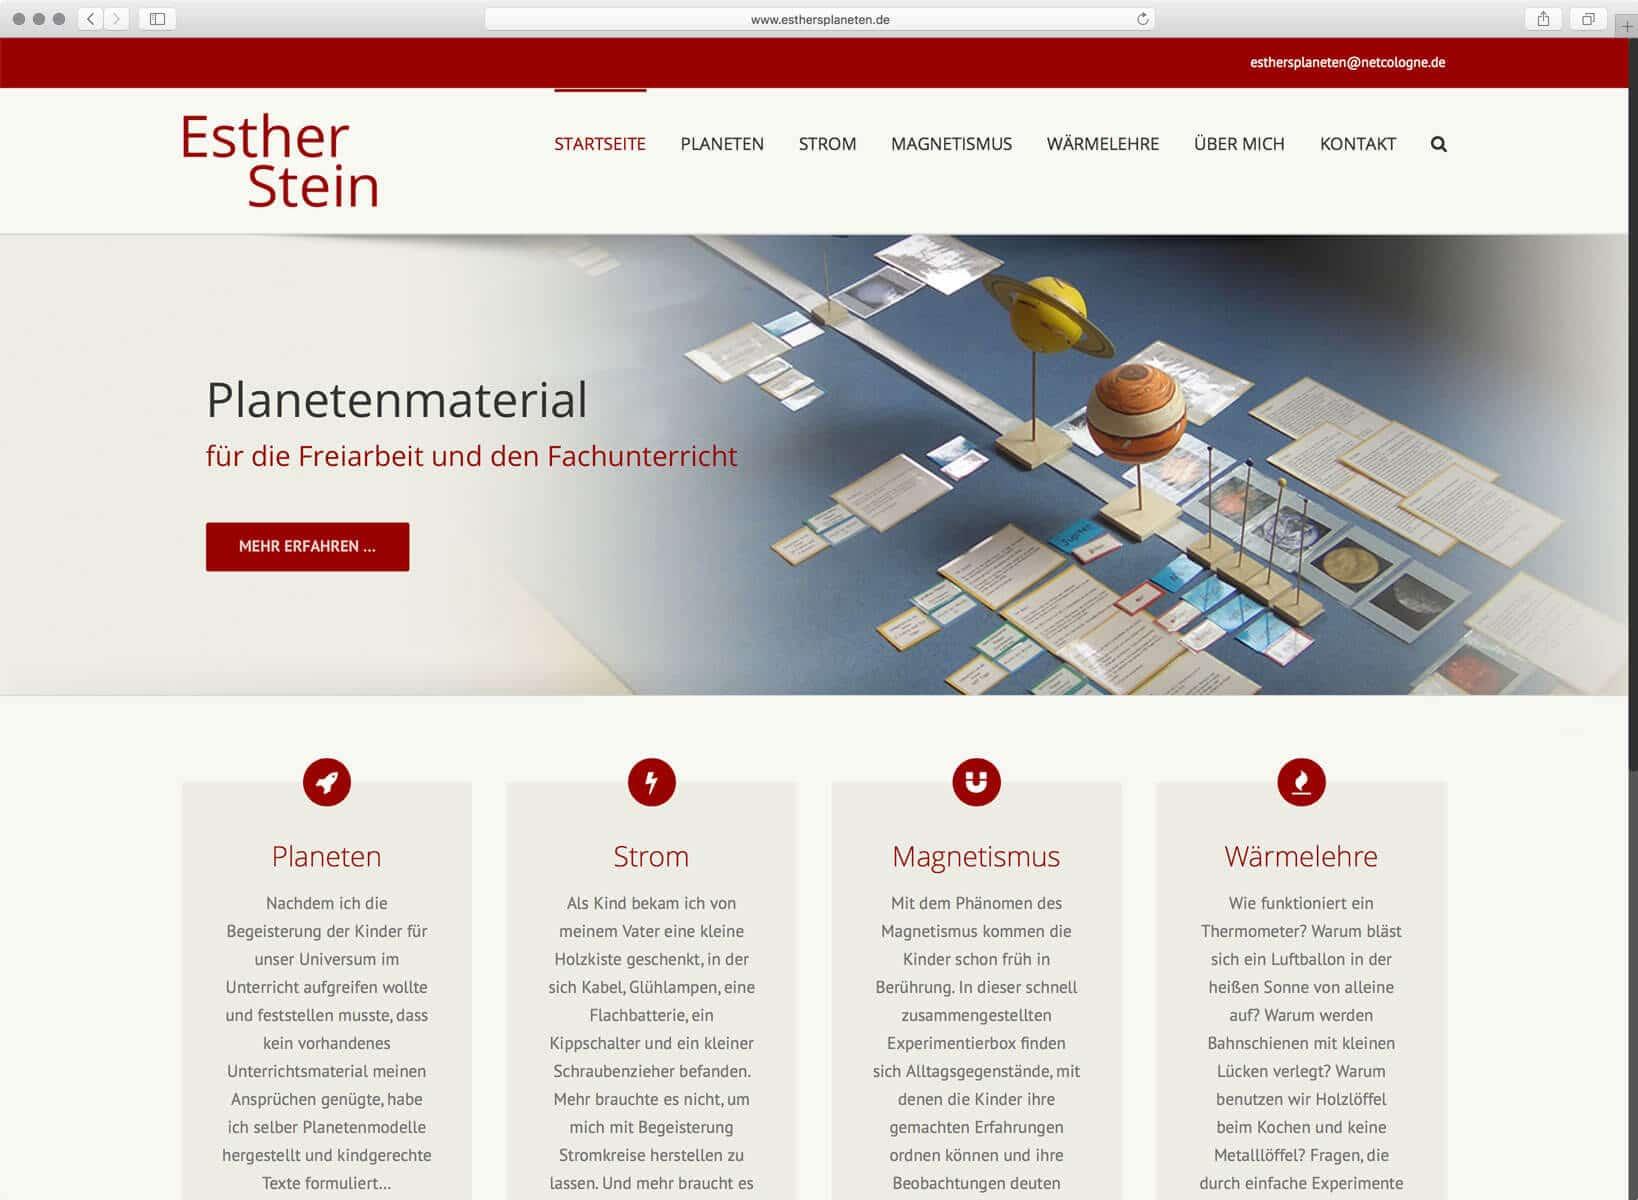 www.esthersplaneten.de